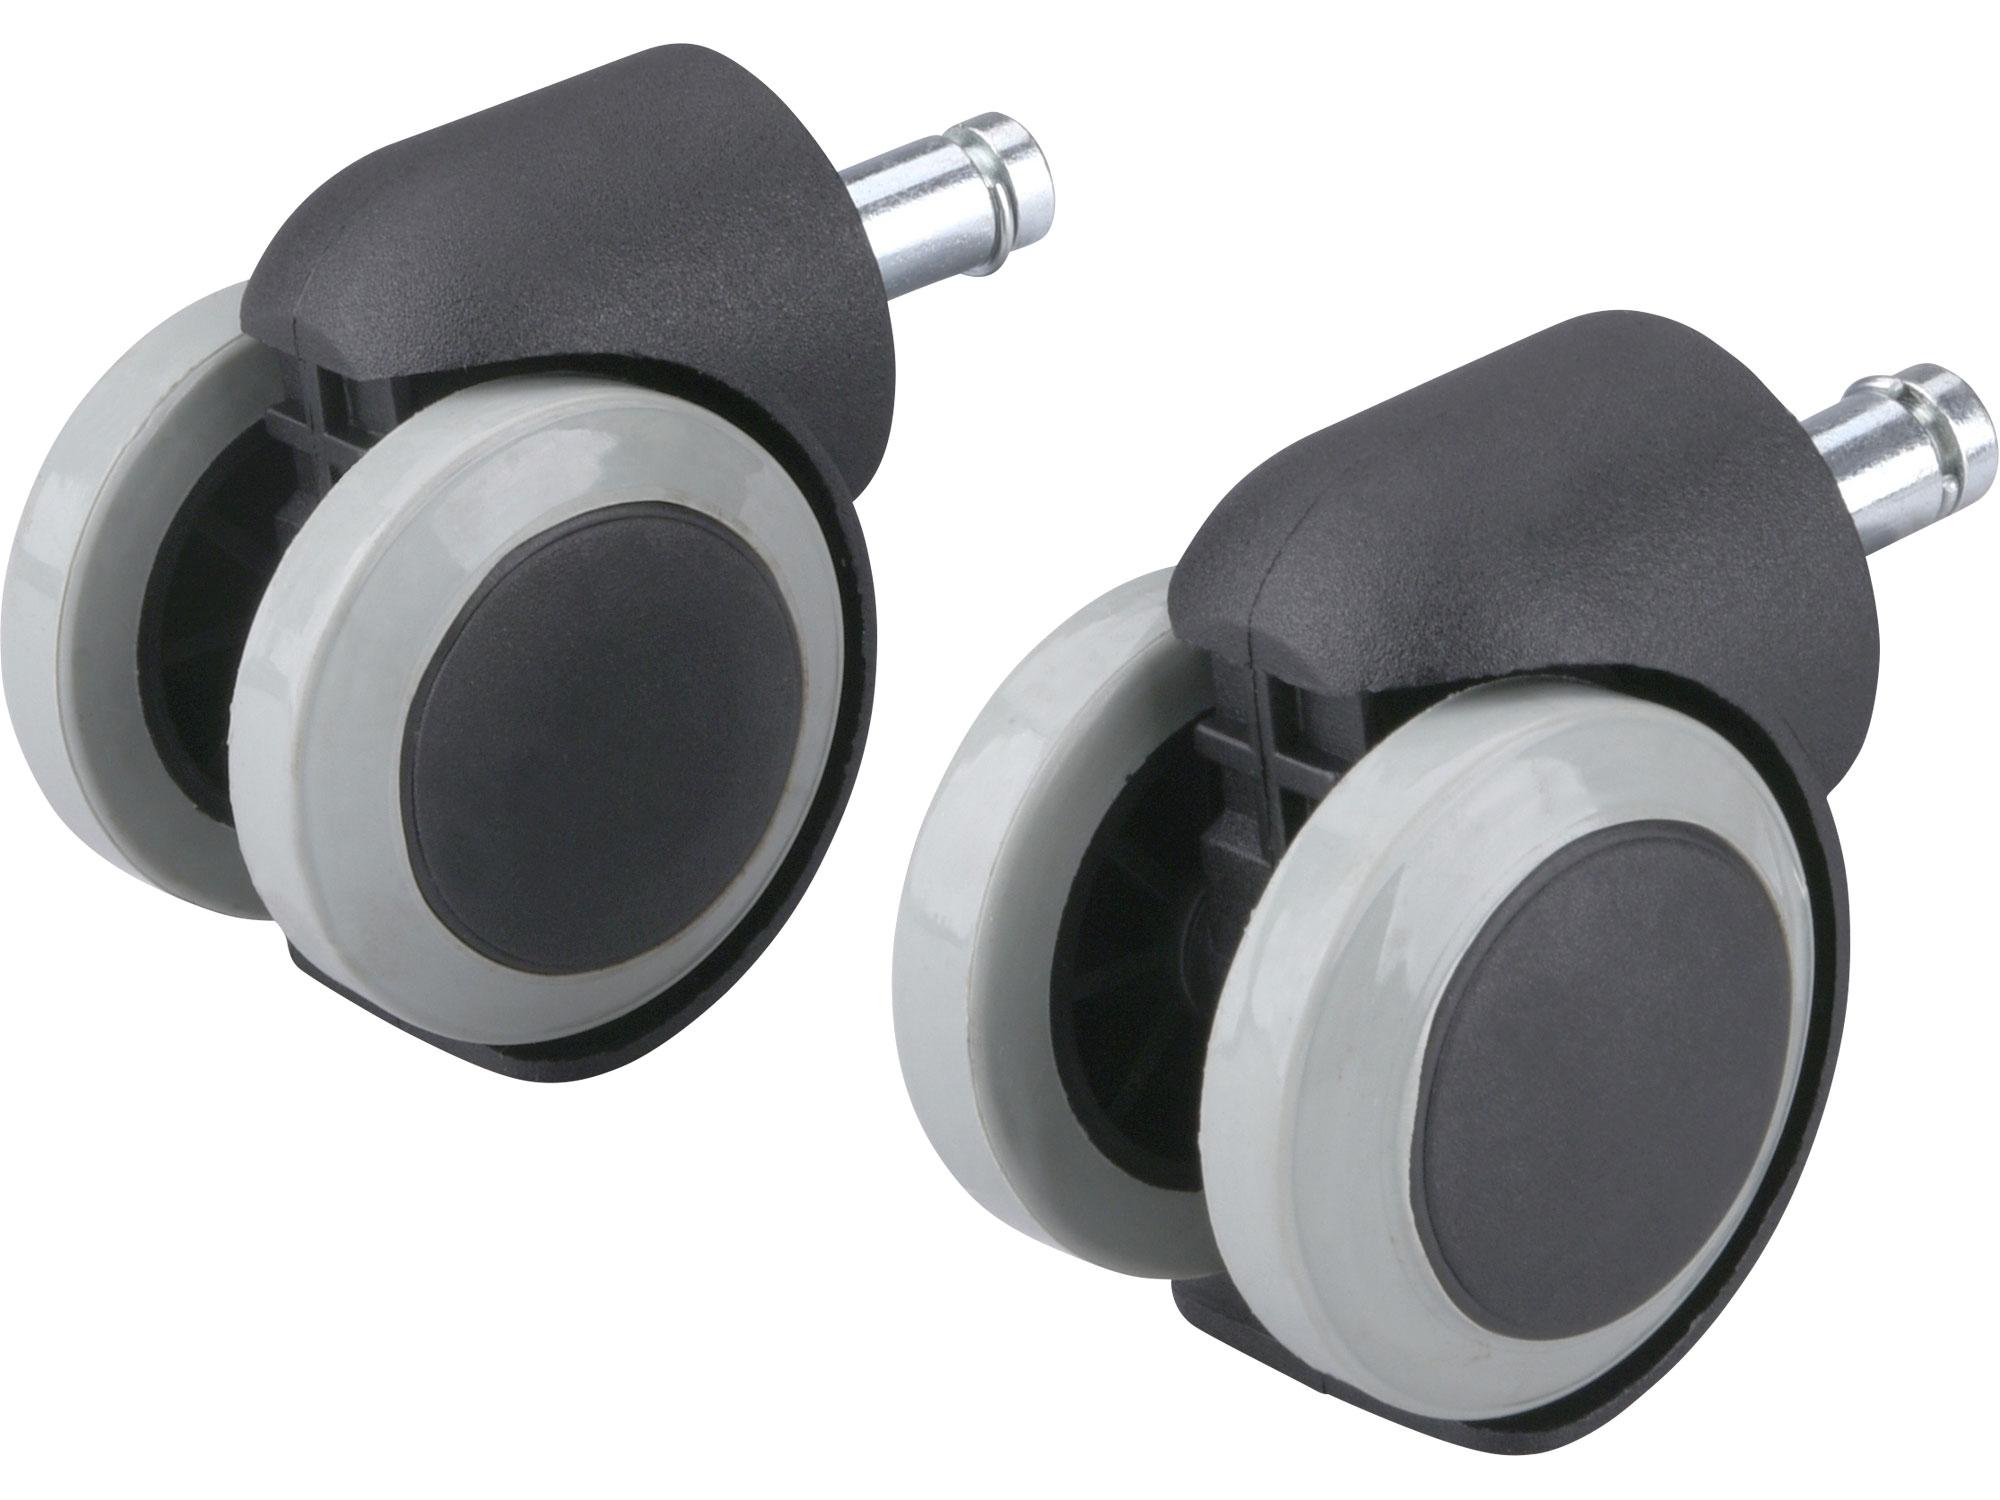 kolečka otočná s PU obručí, sada 2ks, průměr 50mm, čep 11mm